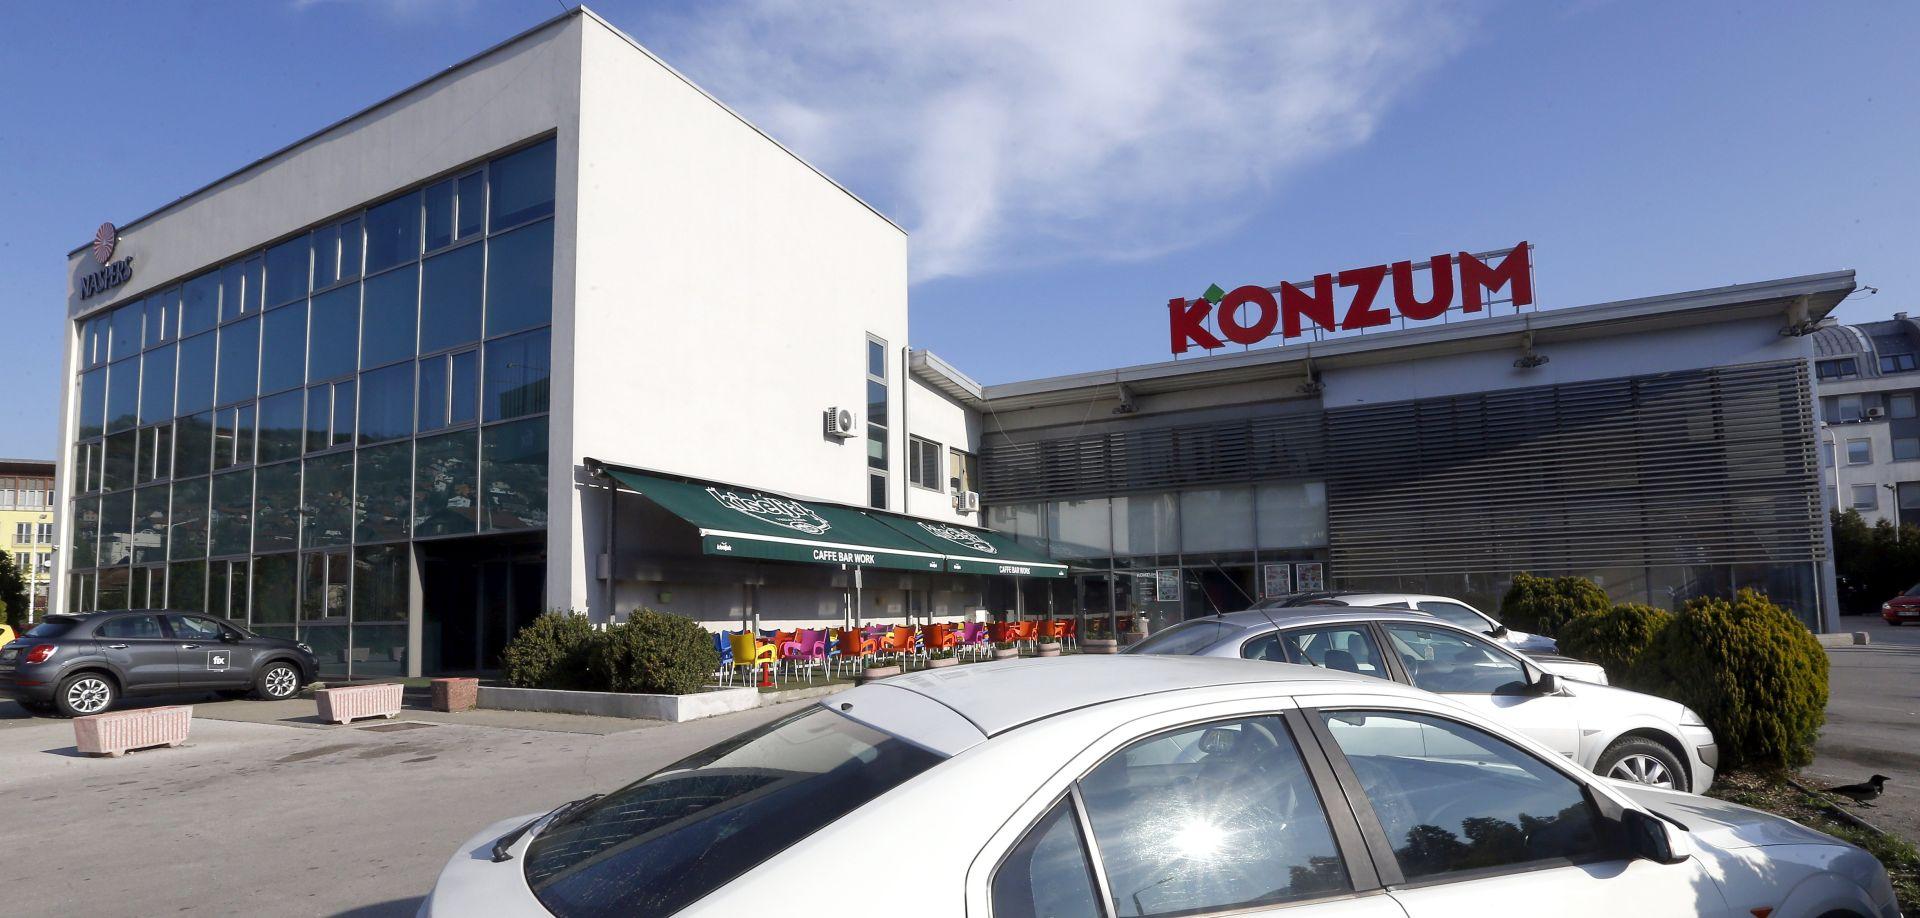 Dobavljači počeli obustavljati isporuku Konzumu u BiH